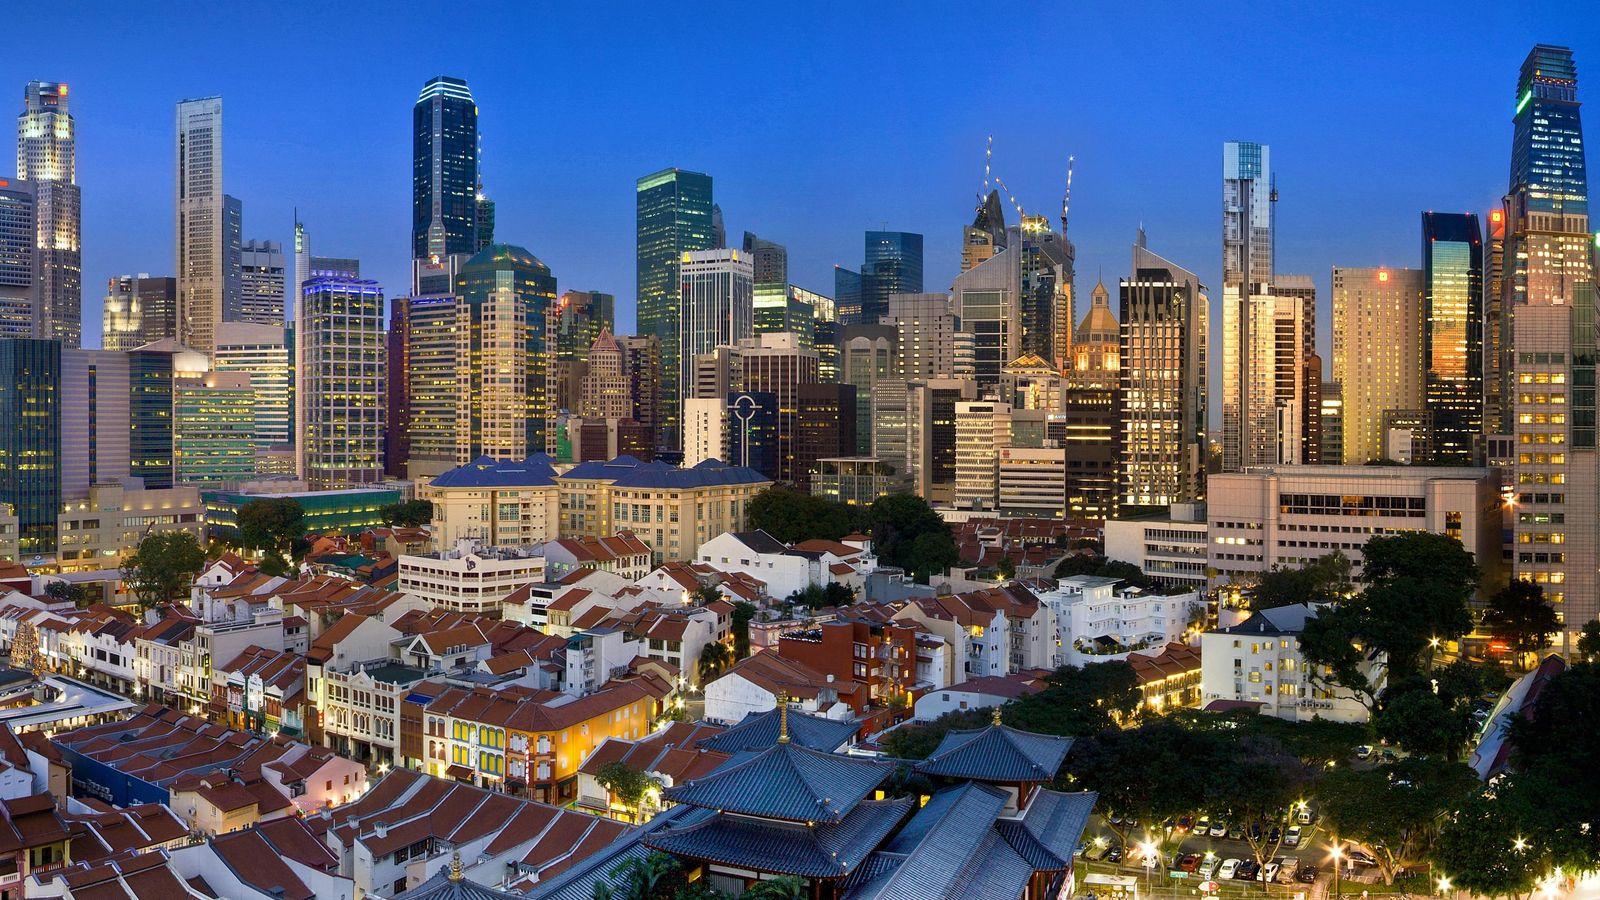 Foto: Singapur, una ciudad de contrastes... ¿Una ciudad de talento? (CC/Someformofhuman)